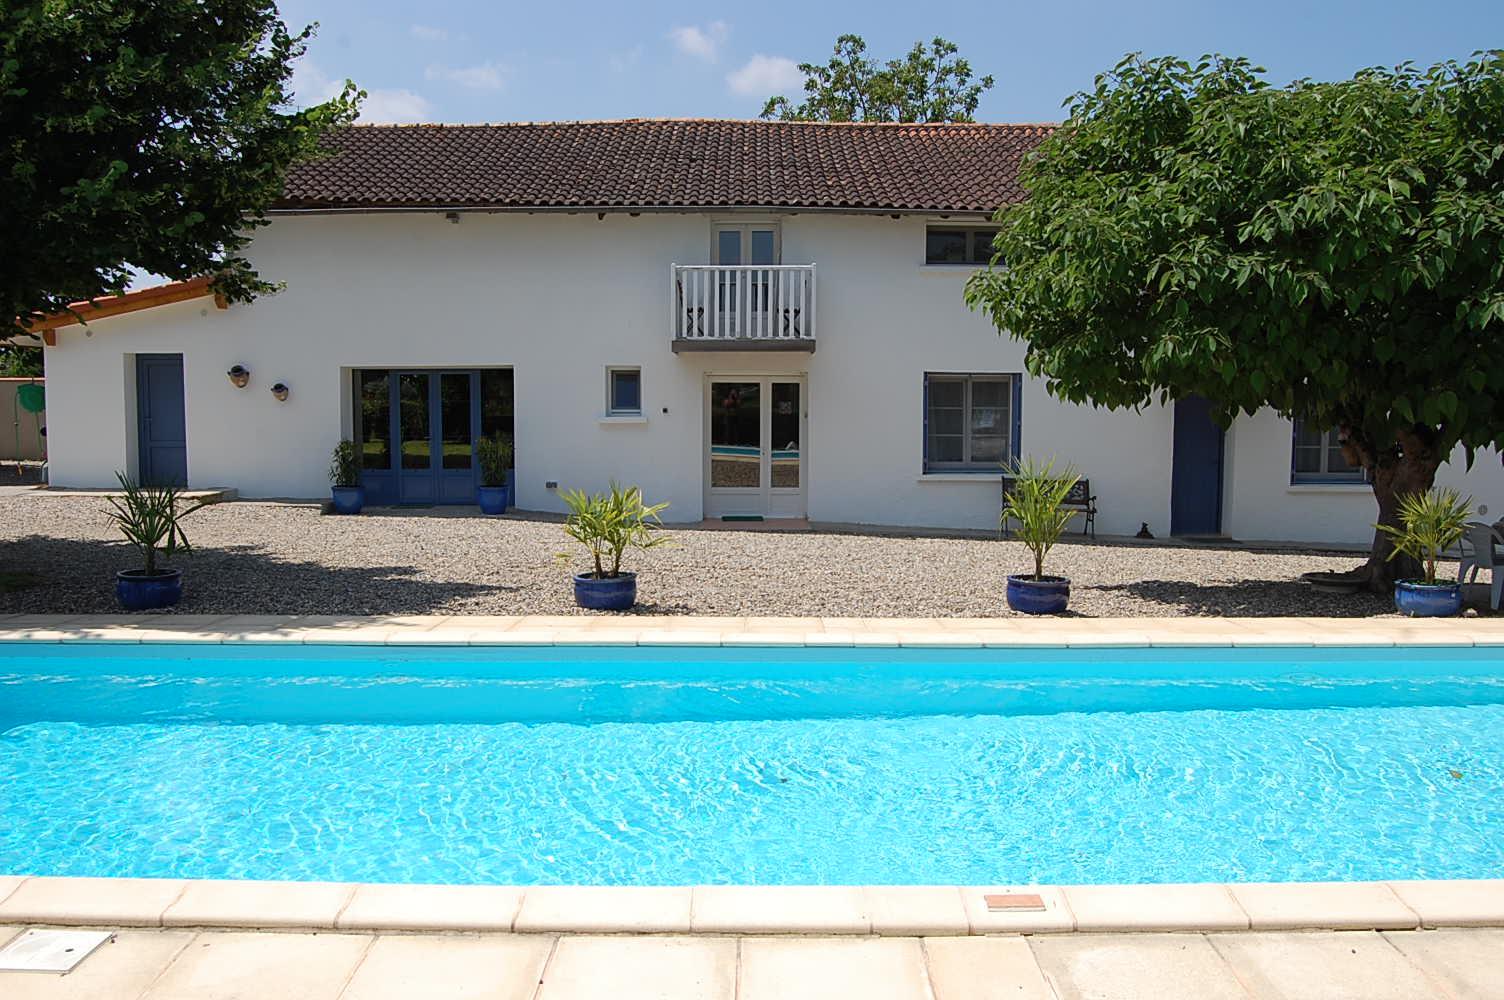 Chambre DHôtes Orange France – Chaios.com